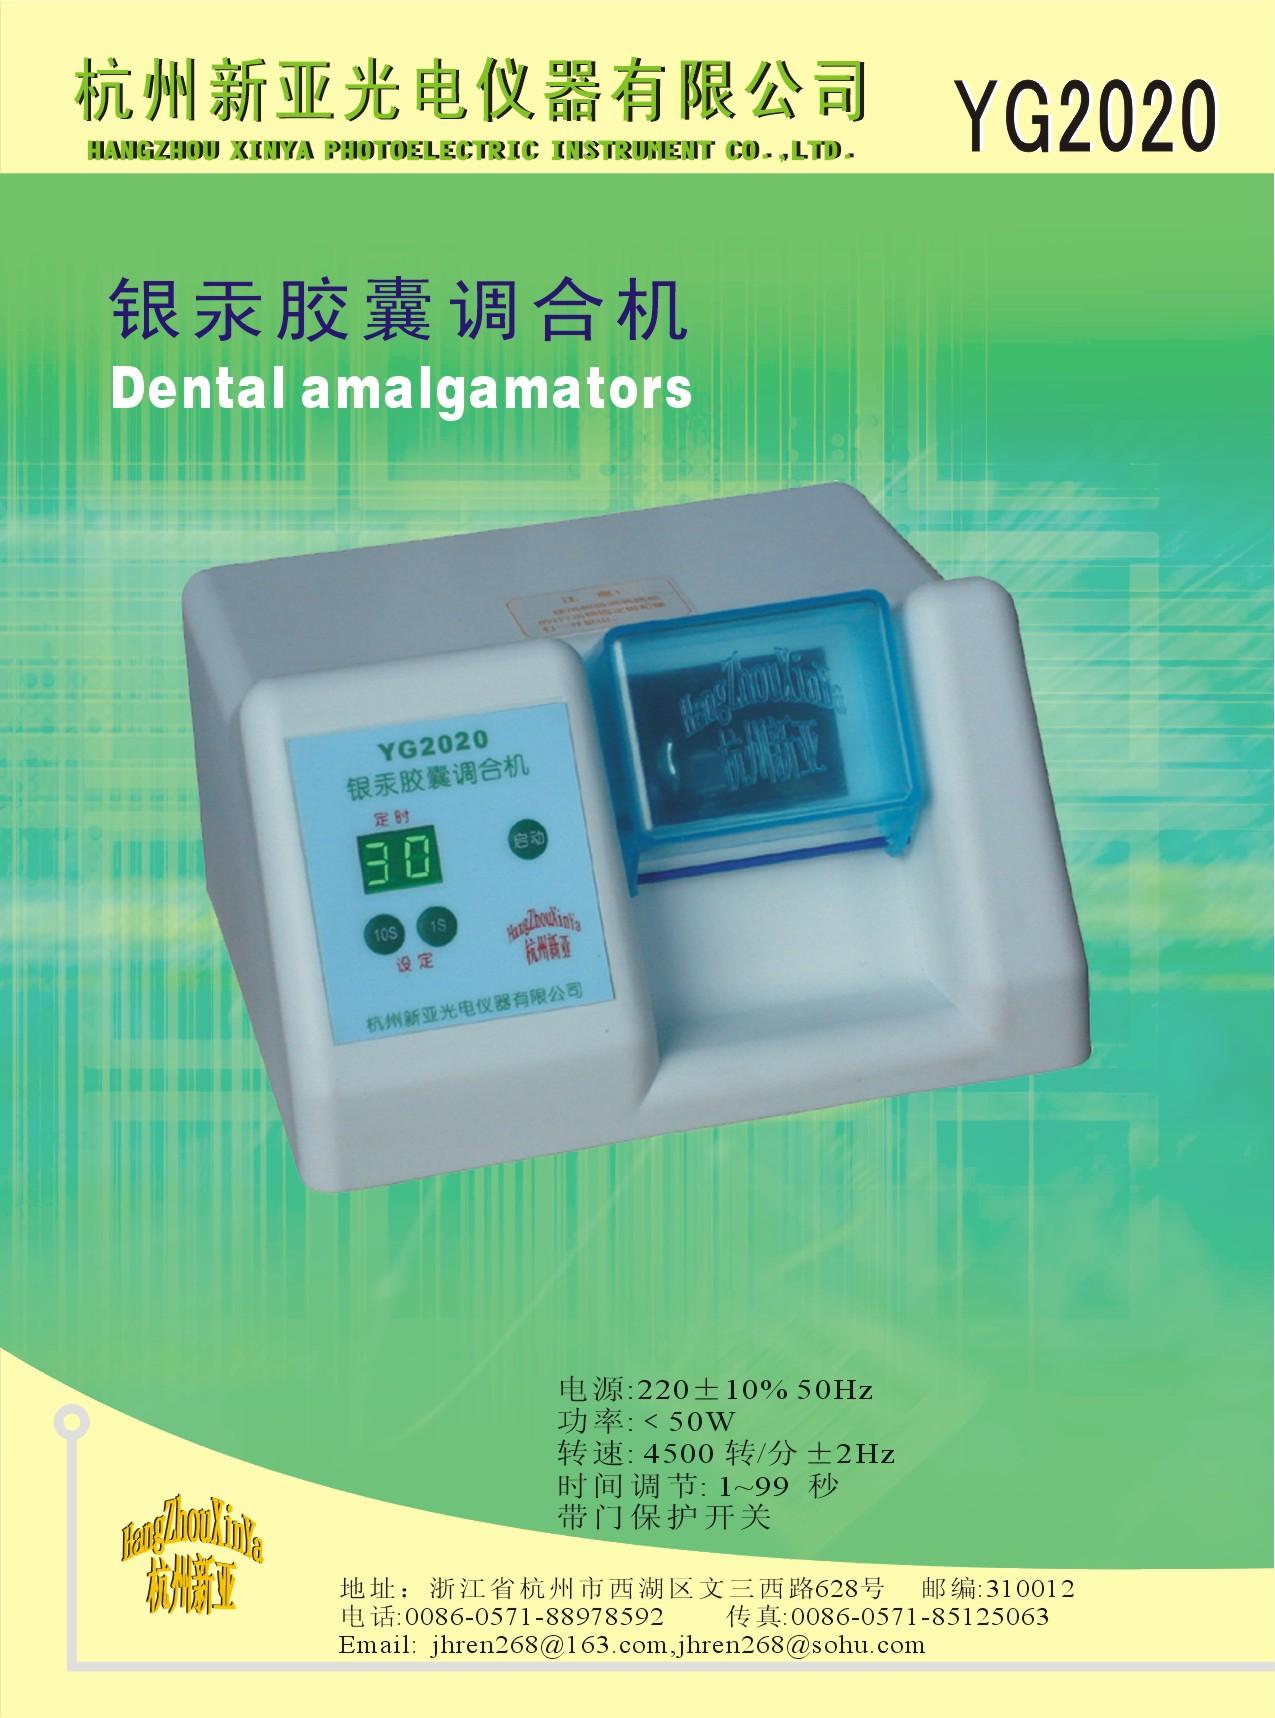 杭州新亚 银汞胶囊调合器 YG2020